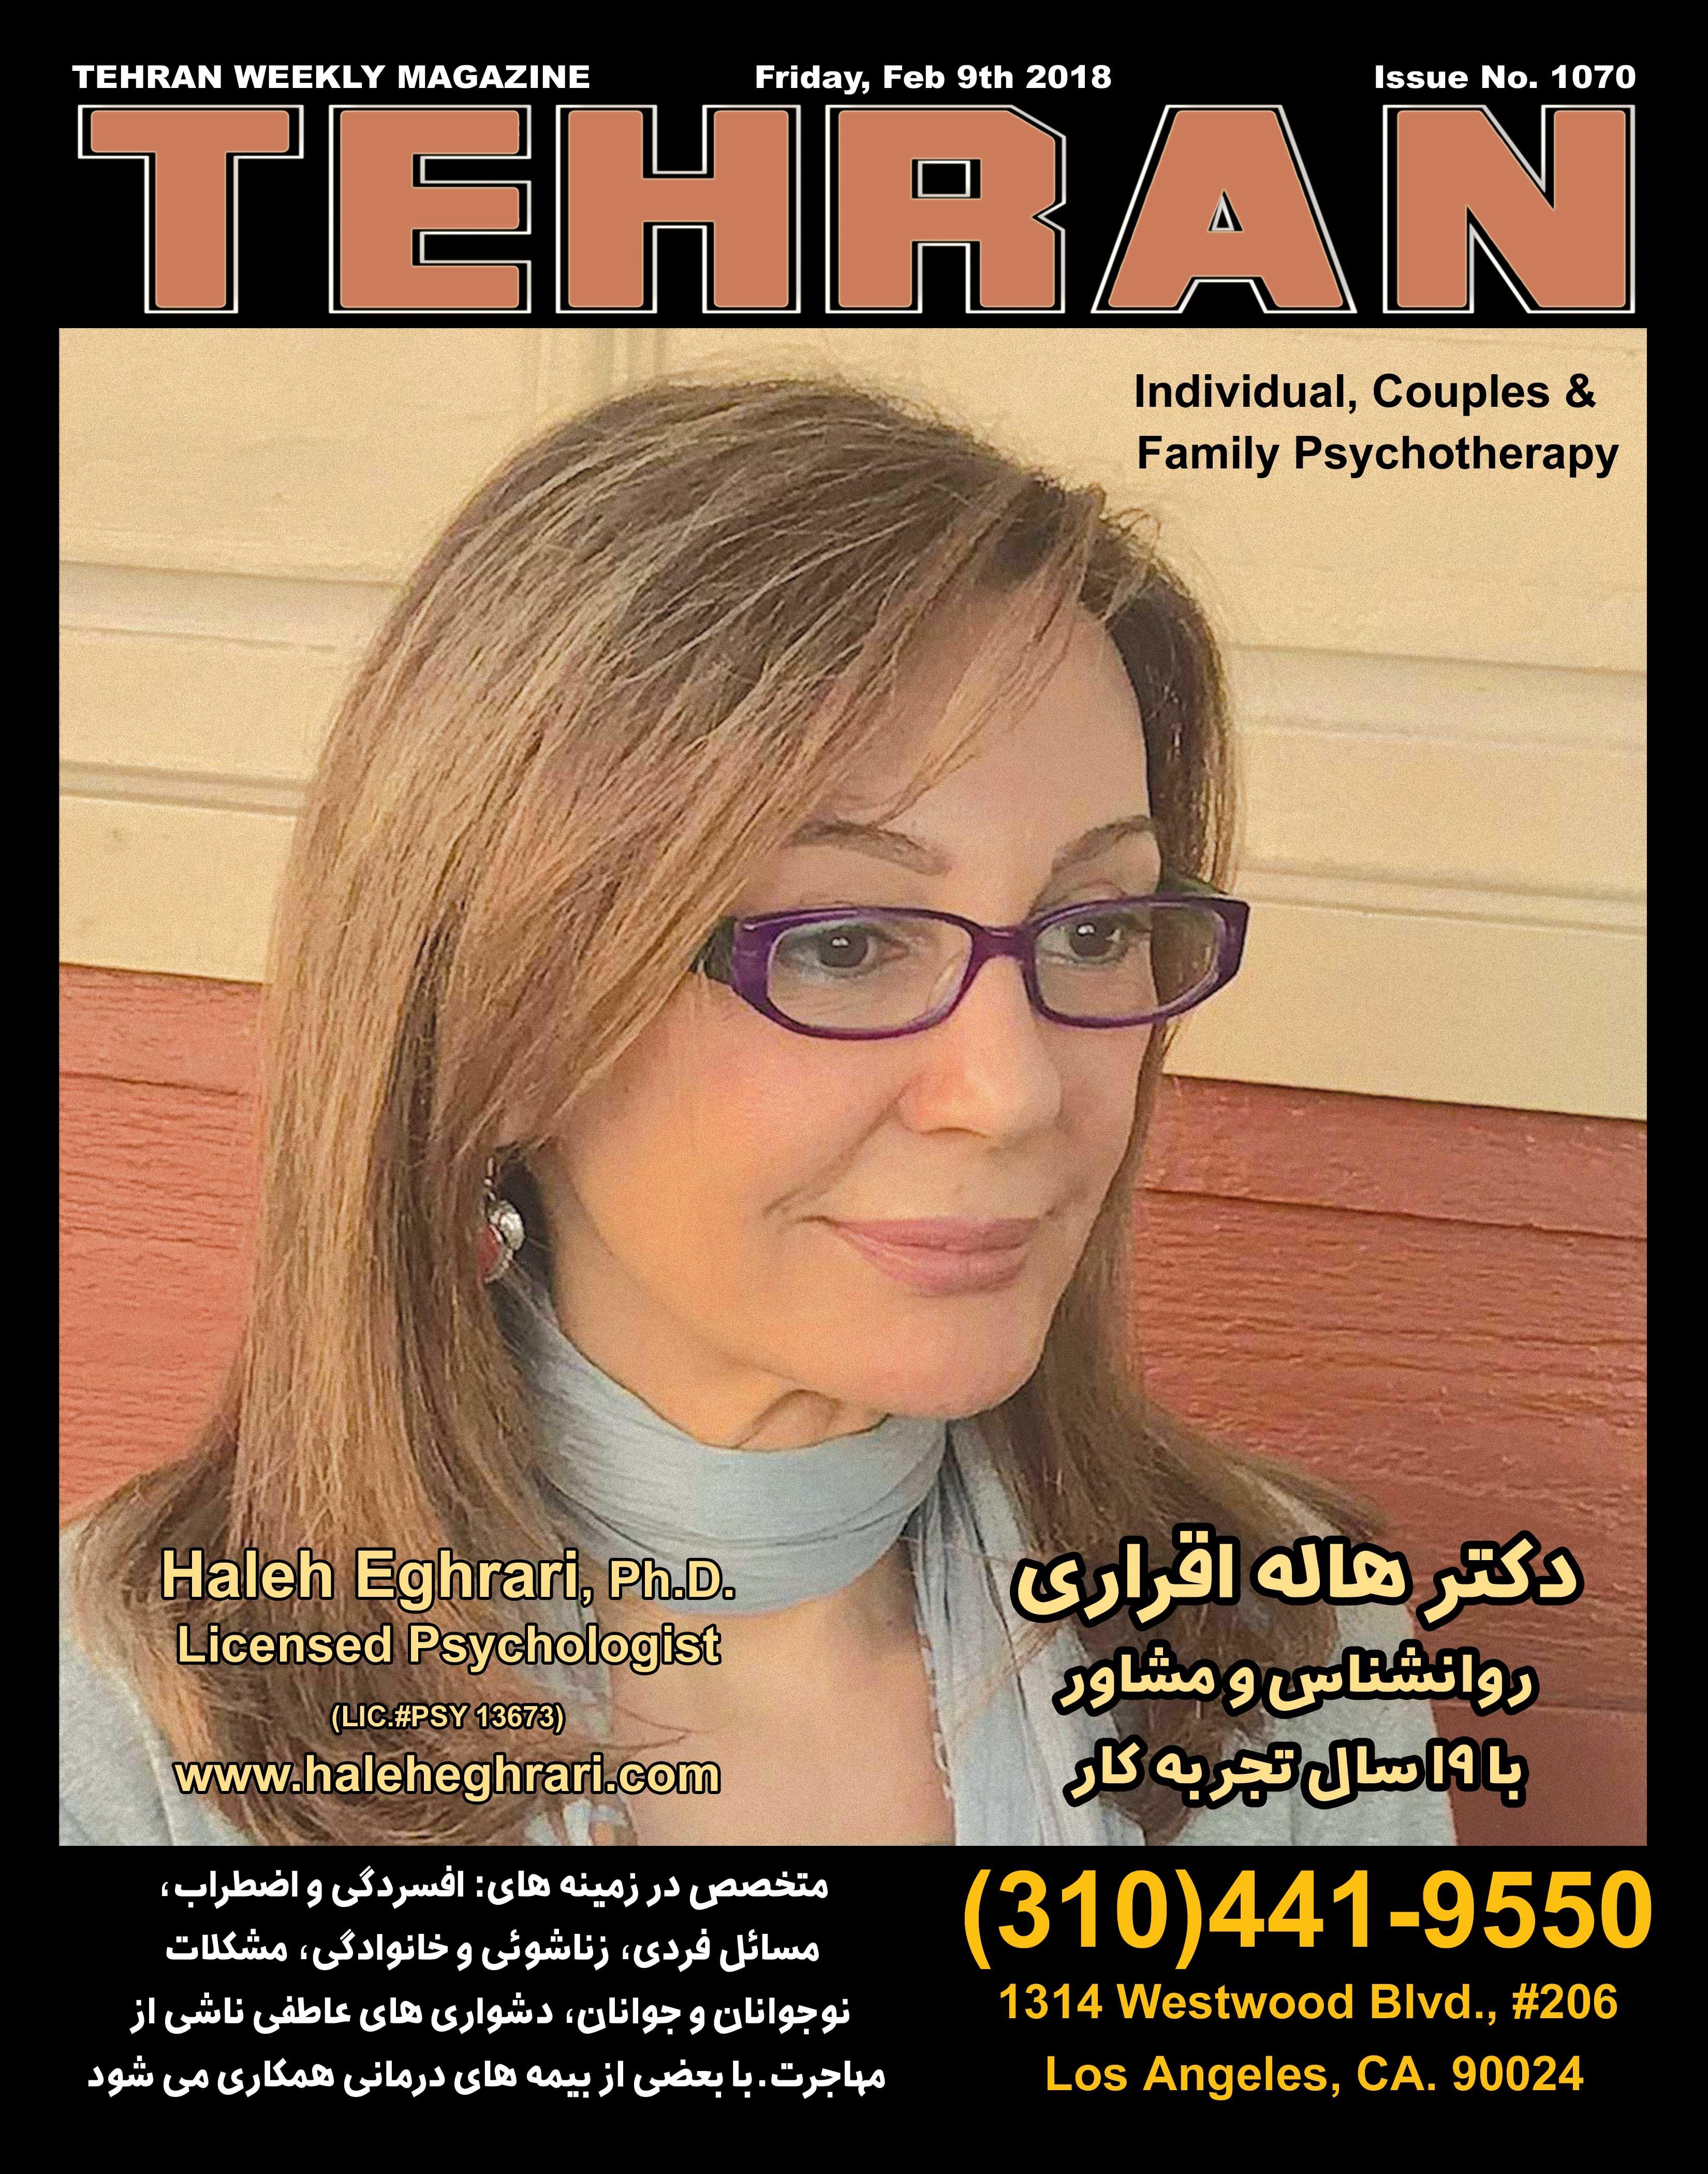 Dr.-haleh-eghrari-shahbod-noori